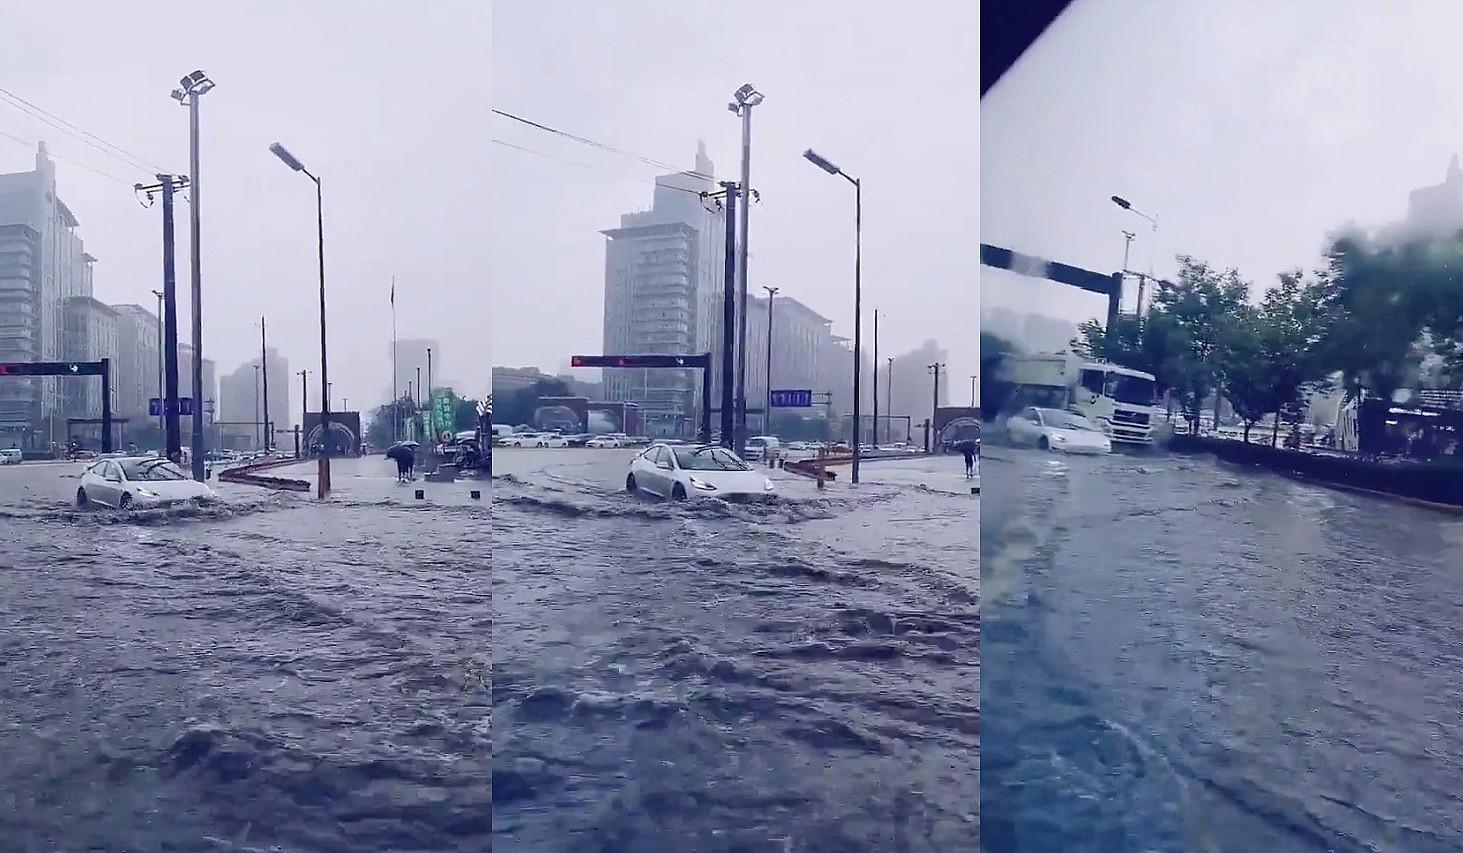 model-3-flood-china-1